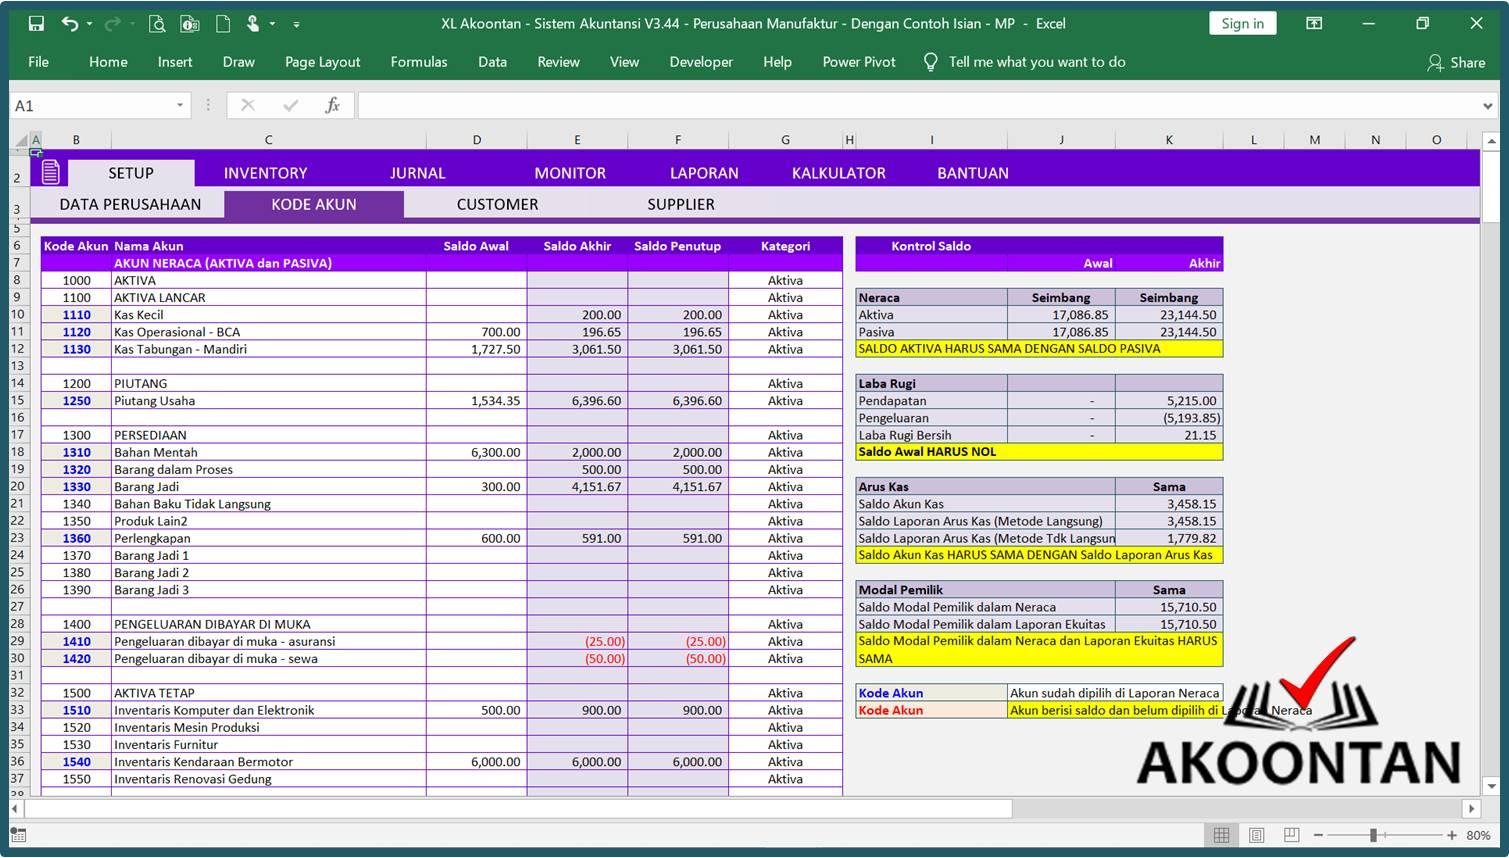 Akuntansi-ID - Excel Sistem Akuntansi Manufaktur - Kode Akun